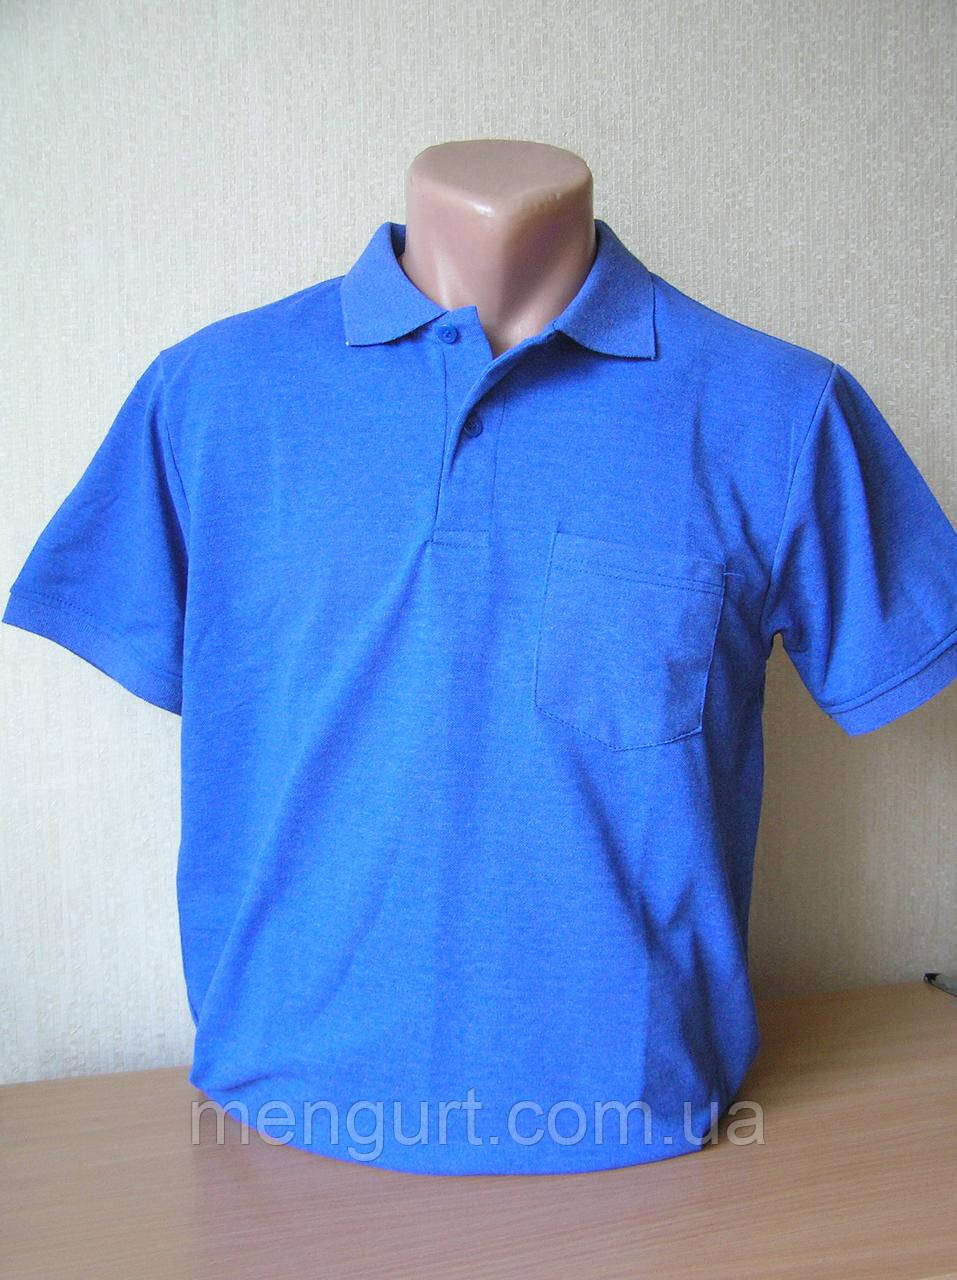 a588063ff30 Футболка мужская с воротником поло 100%хлопок - Оптовый интернет-магазин  мужской одежды